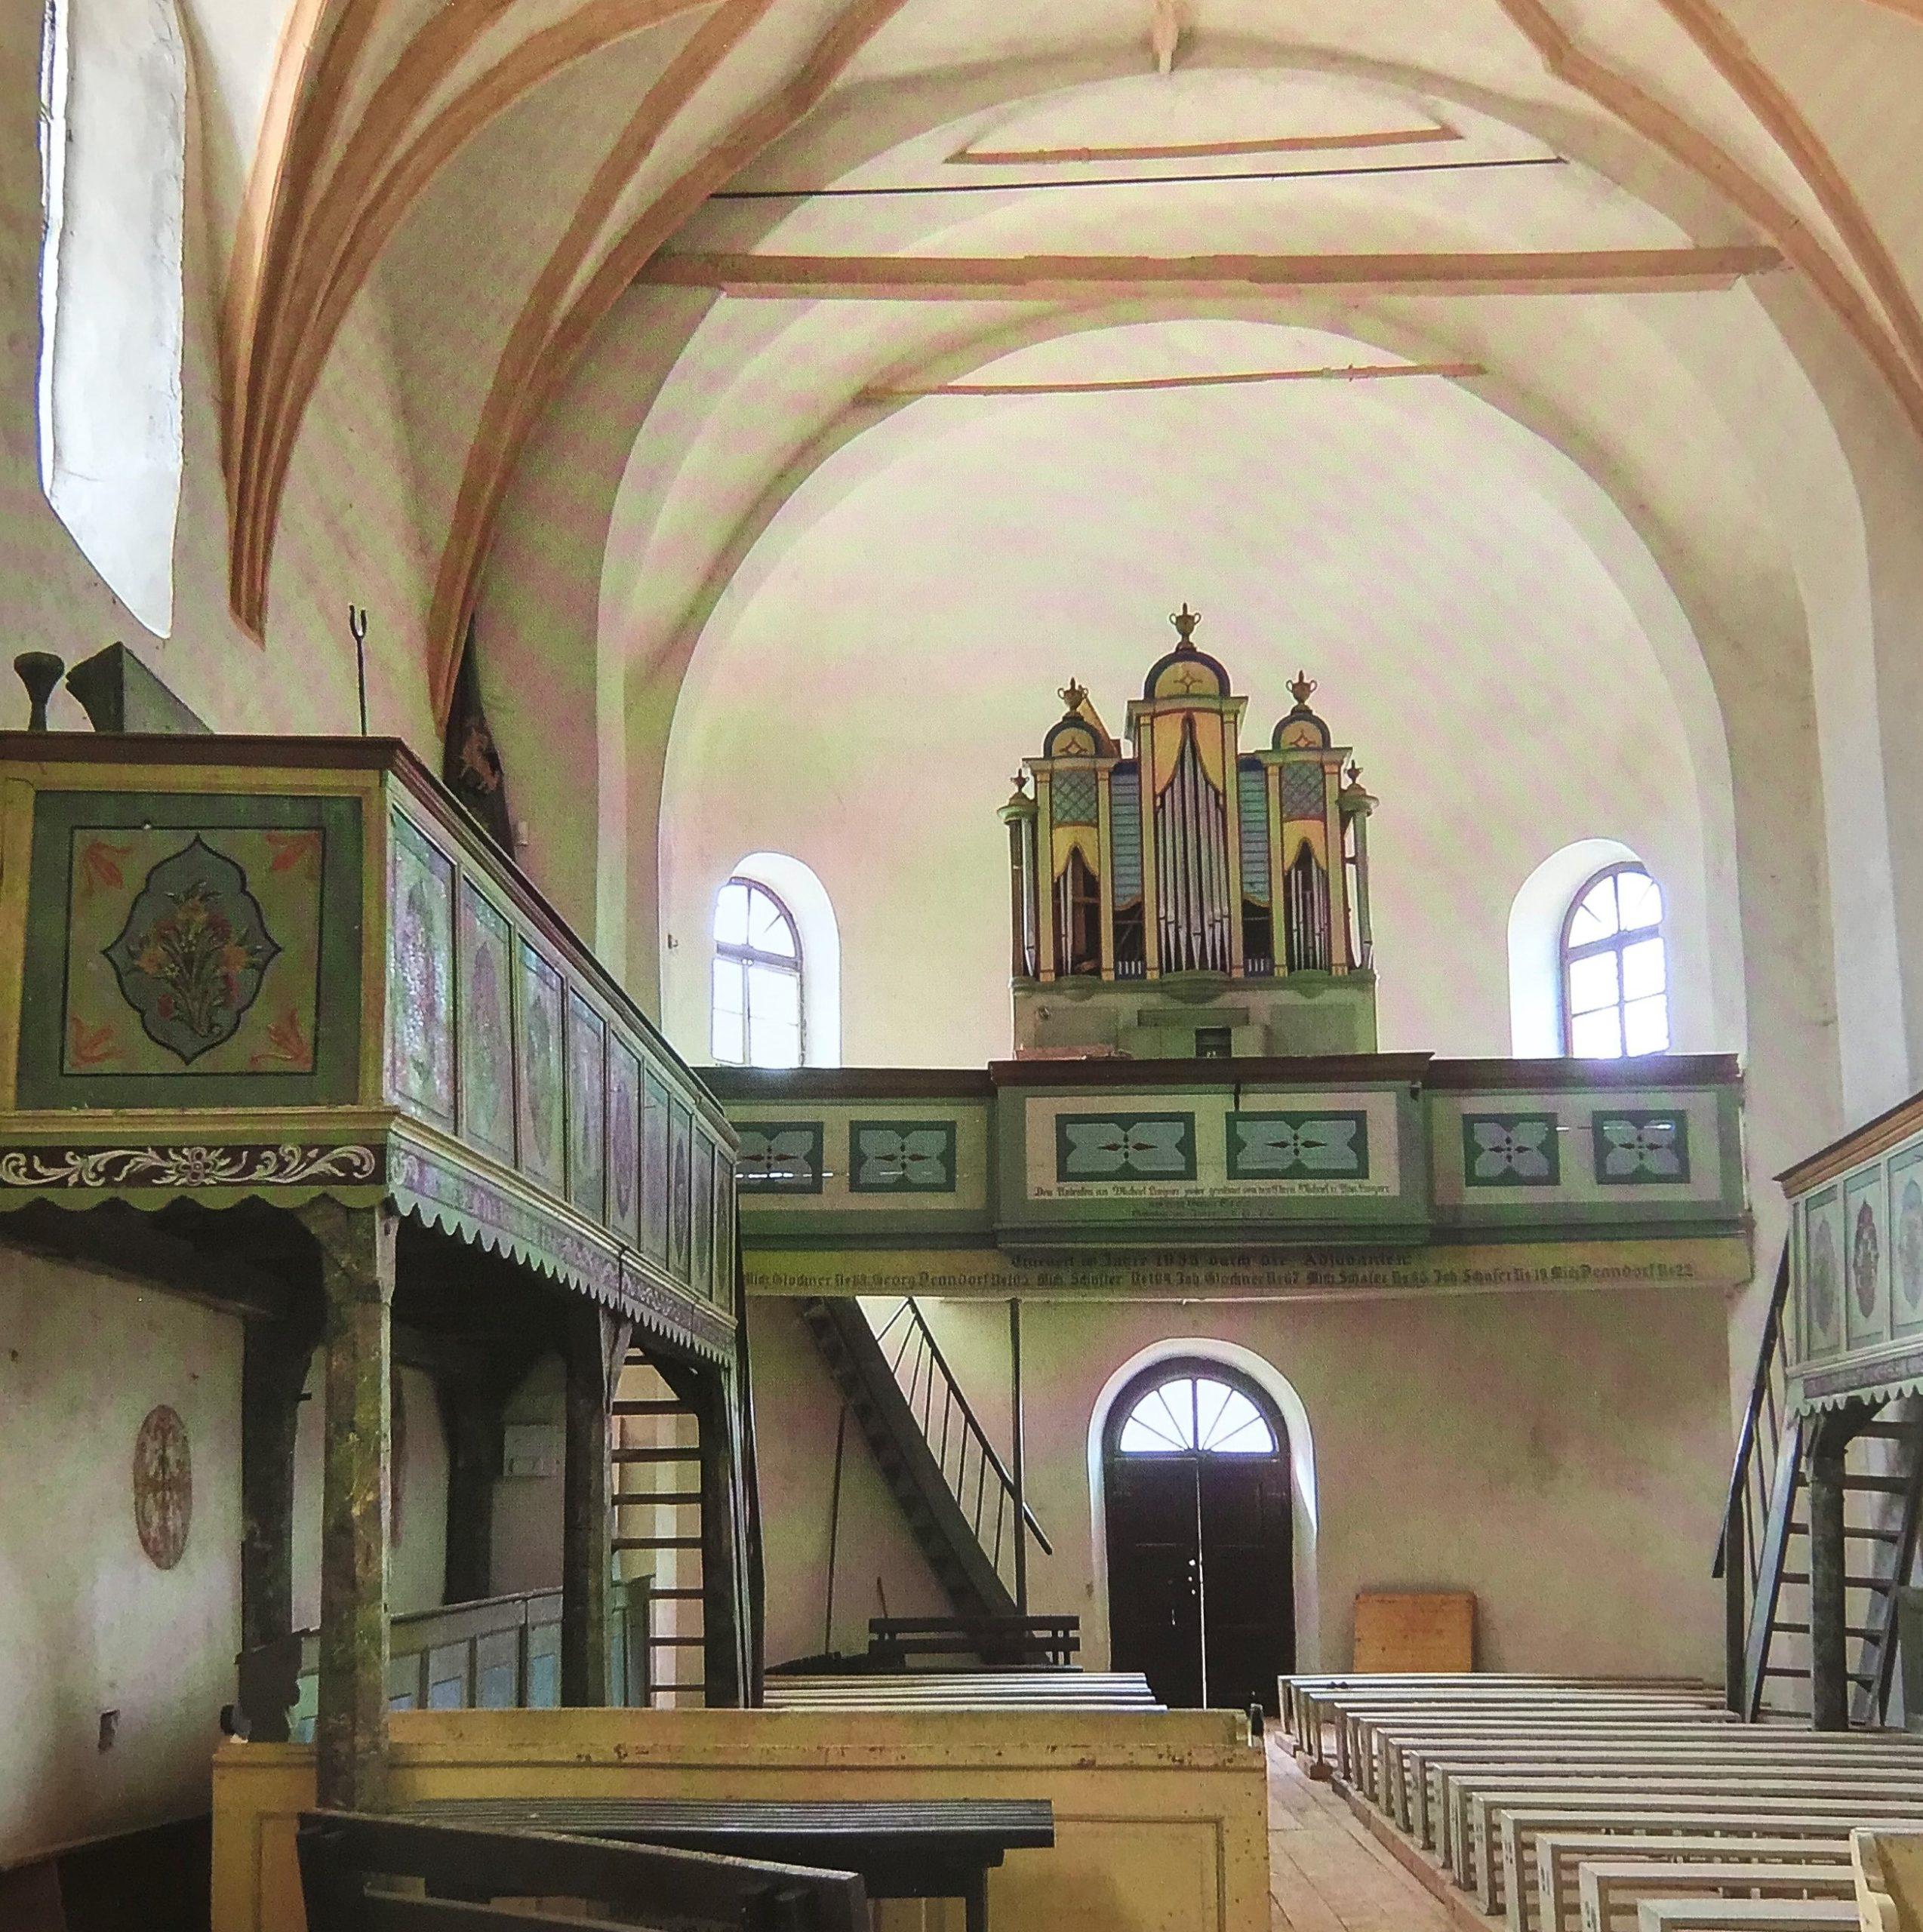 Innenansicht mit Orgelempore der Kirche von Neithausen in Siebenbuergen